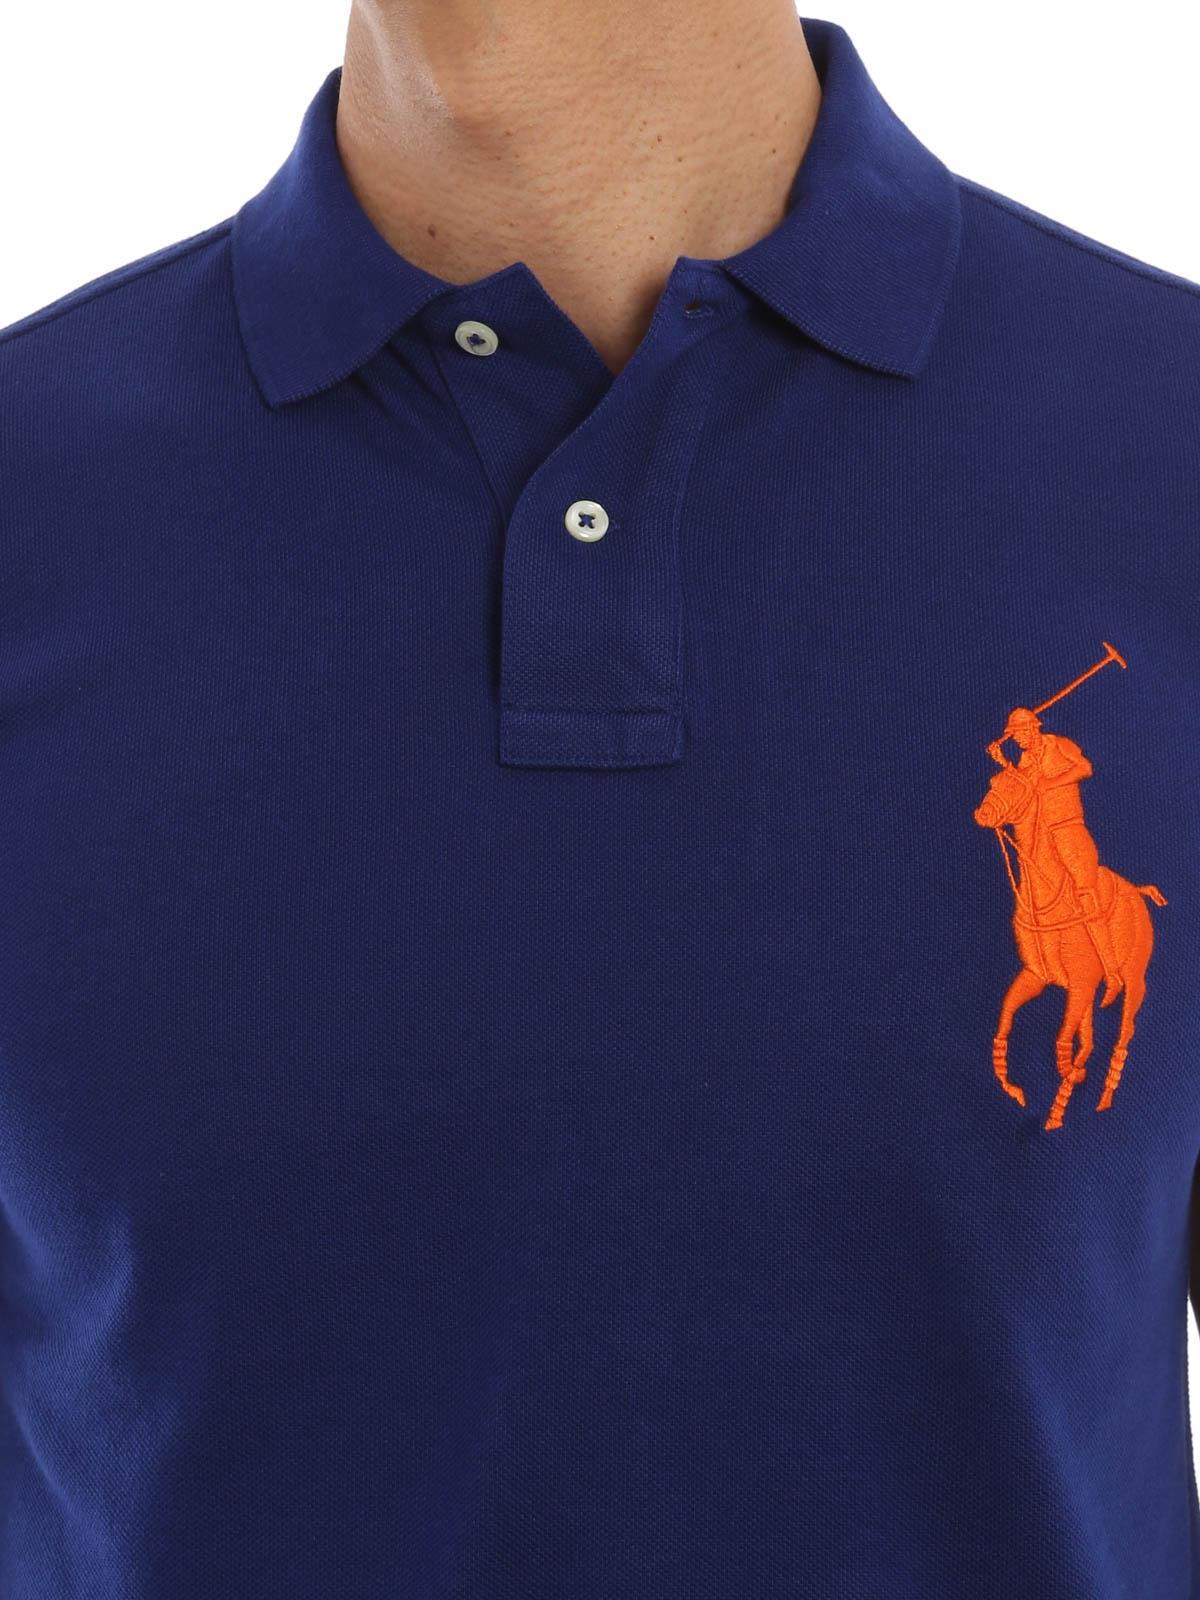 lauren by ralph lauren mens rlx polo shirts